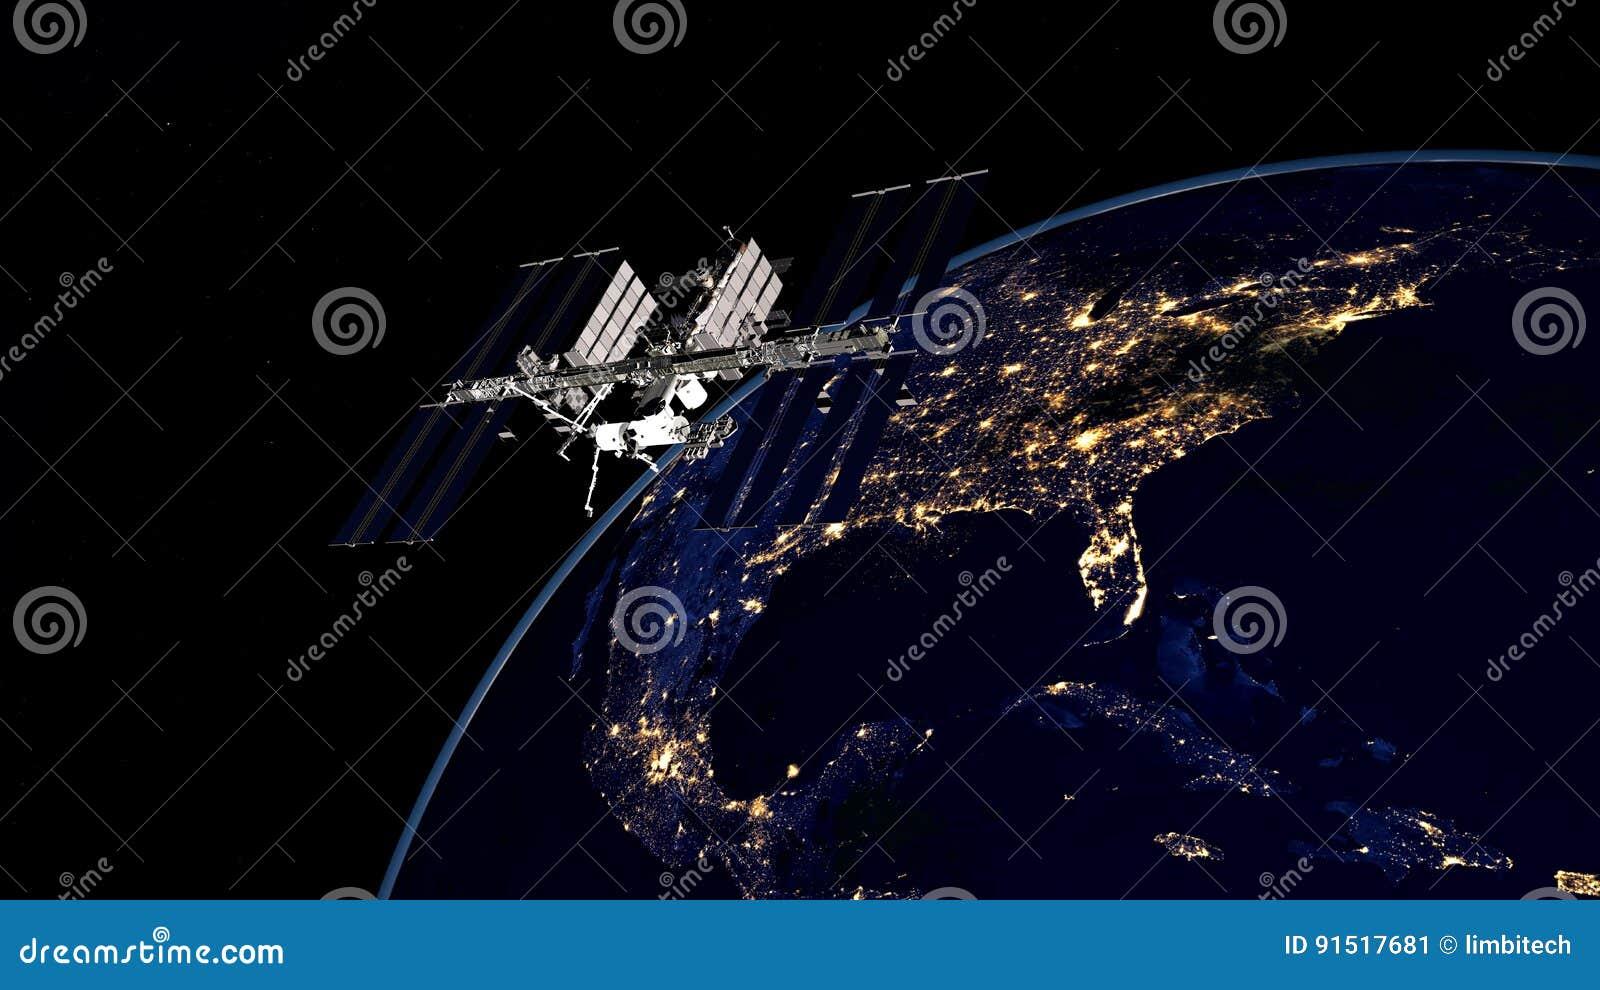 Extrem ausführliches und realistisches Bild der hohen Auflösung 3D von ISS - umkreisende Erde der internationalen Weltraumstation